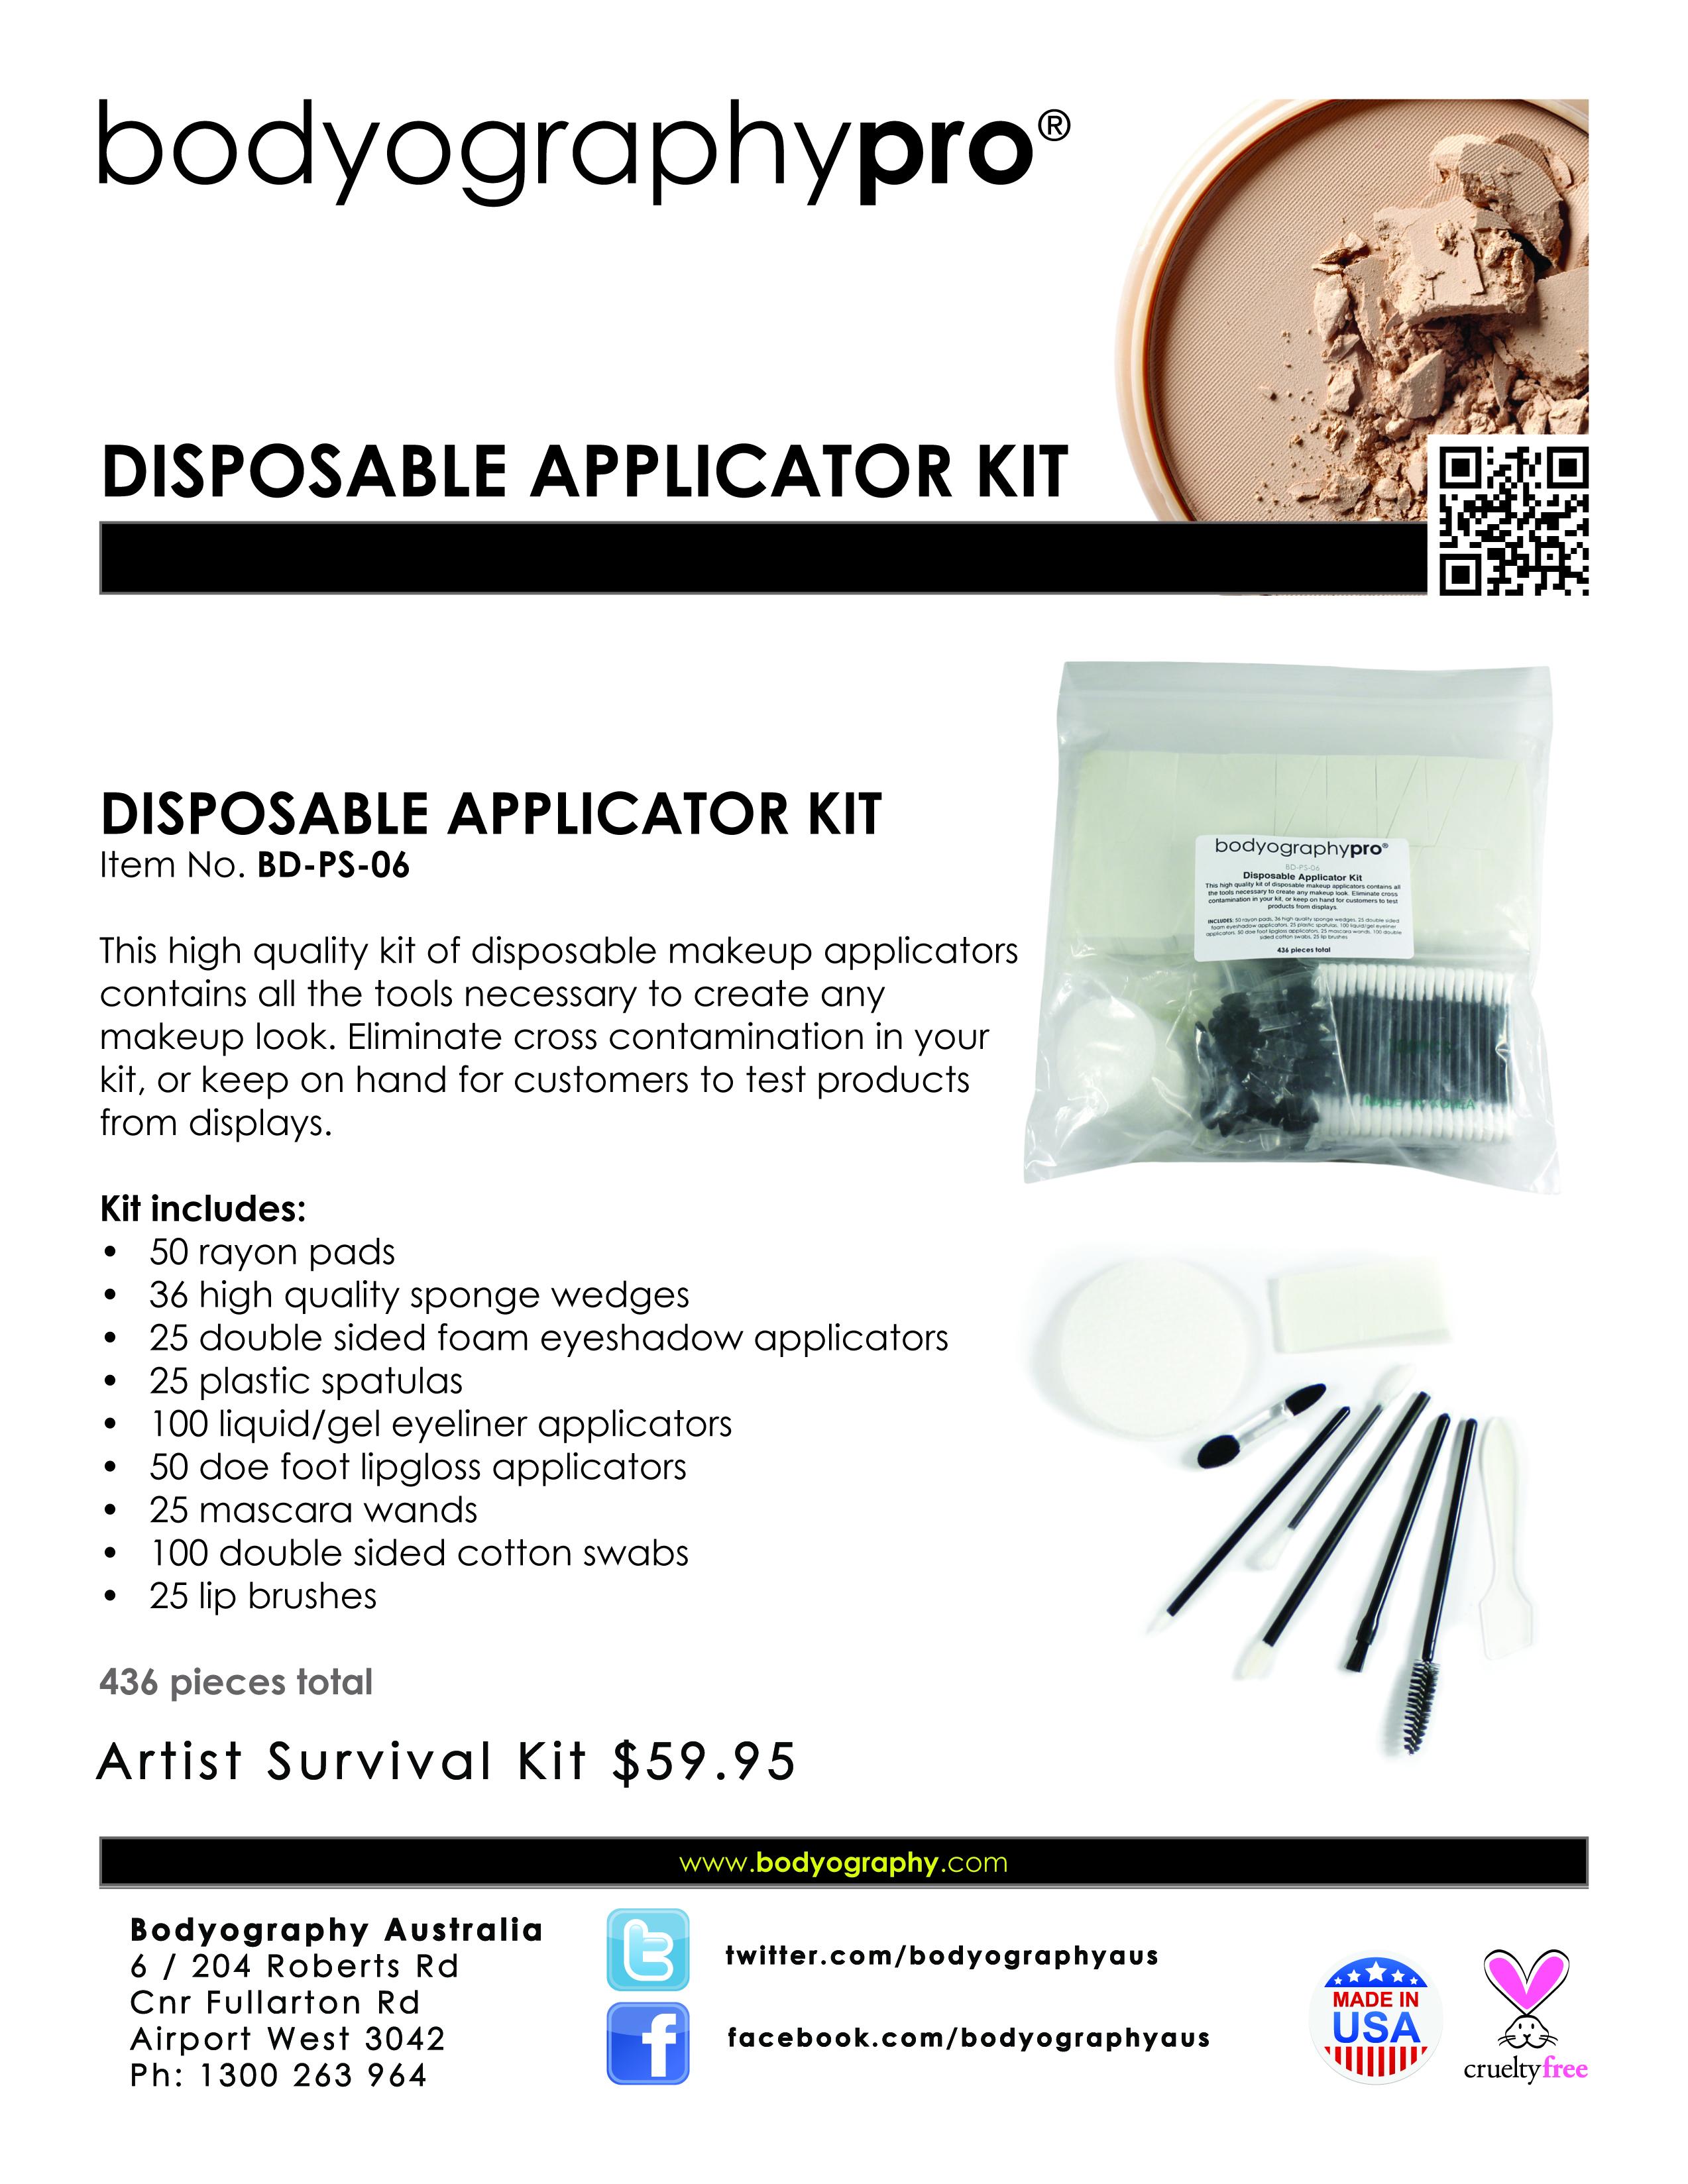 disposable-applicator-kit-dealsheet.jpg